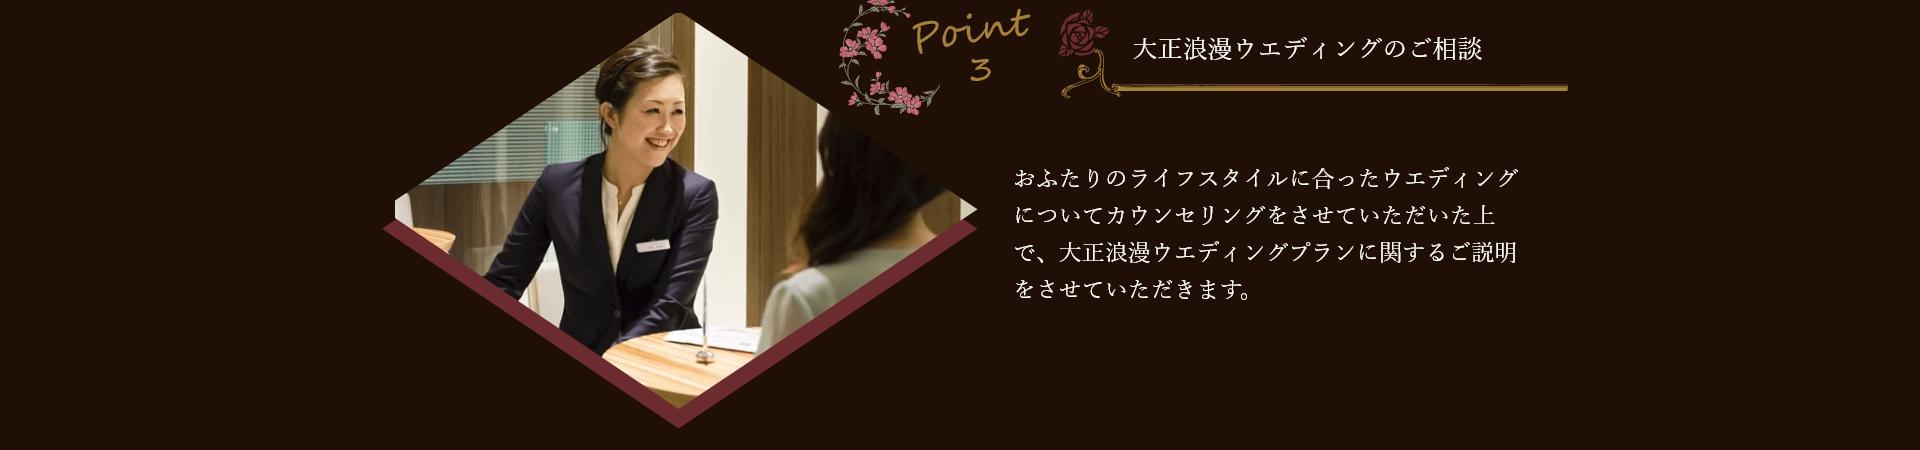 【point3】大正ロマンウエディングのご相談   おふたりのライフスタイルに合ったウエディングについてカウンセリングをさせていただいた上で、大正浪漫ウエディングプランに関するご説明をさせていただきます。